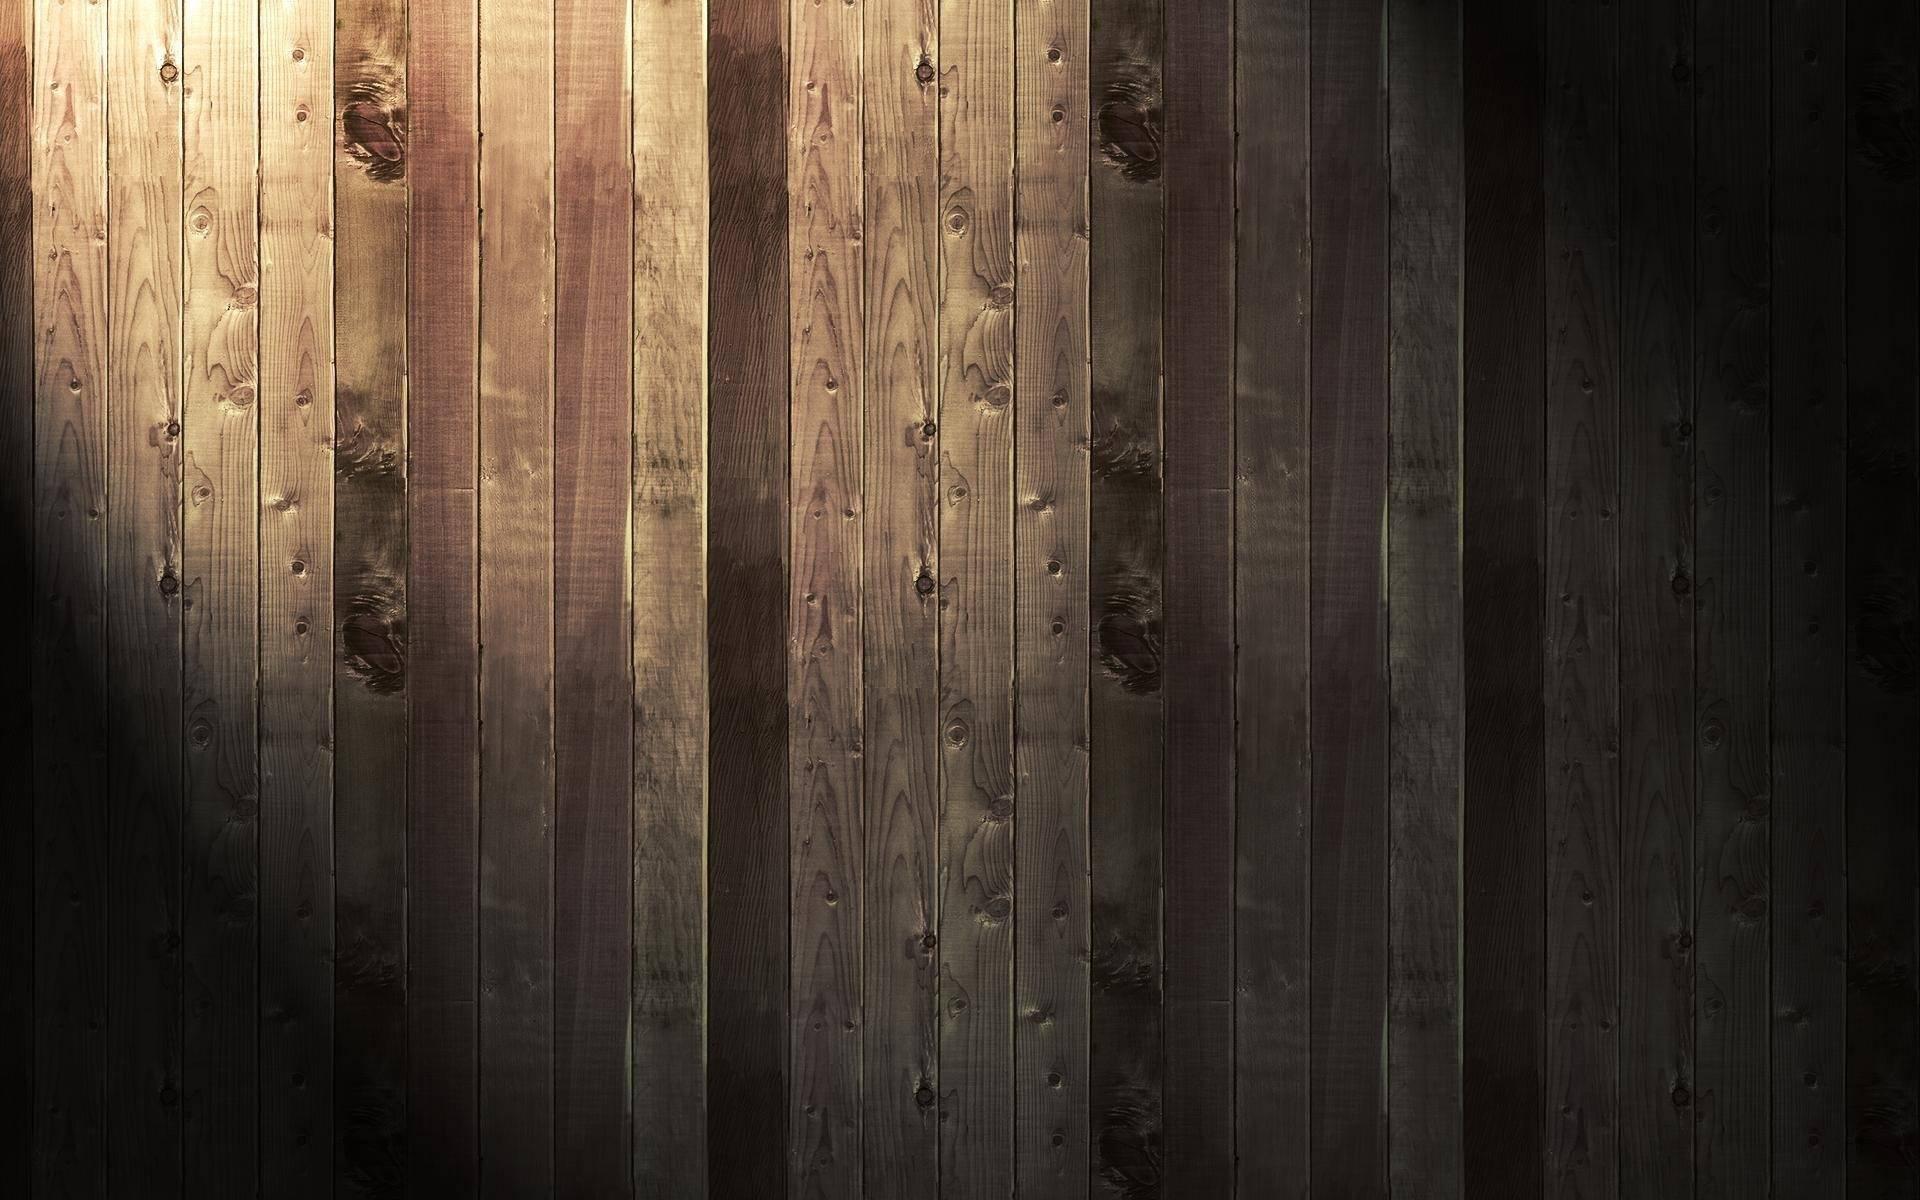 بالصور خلفيات خشب , اجمل الصور والخلفيات الخشبية 6120 6